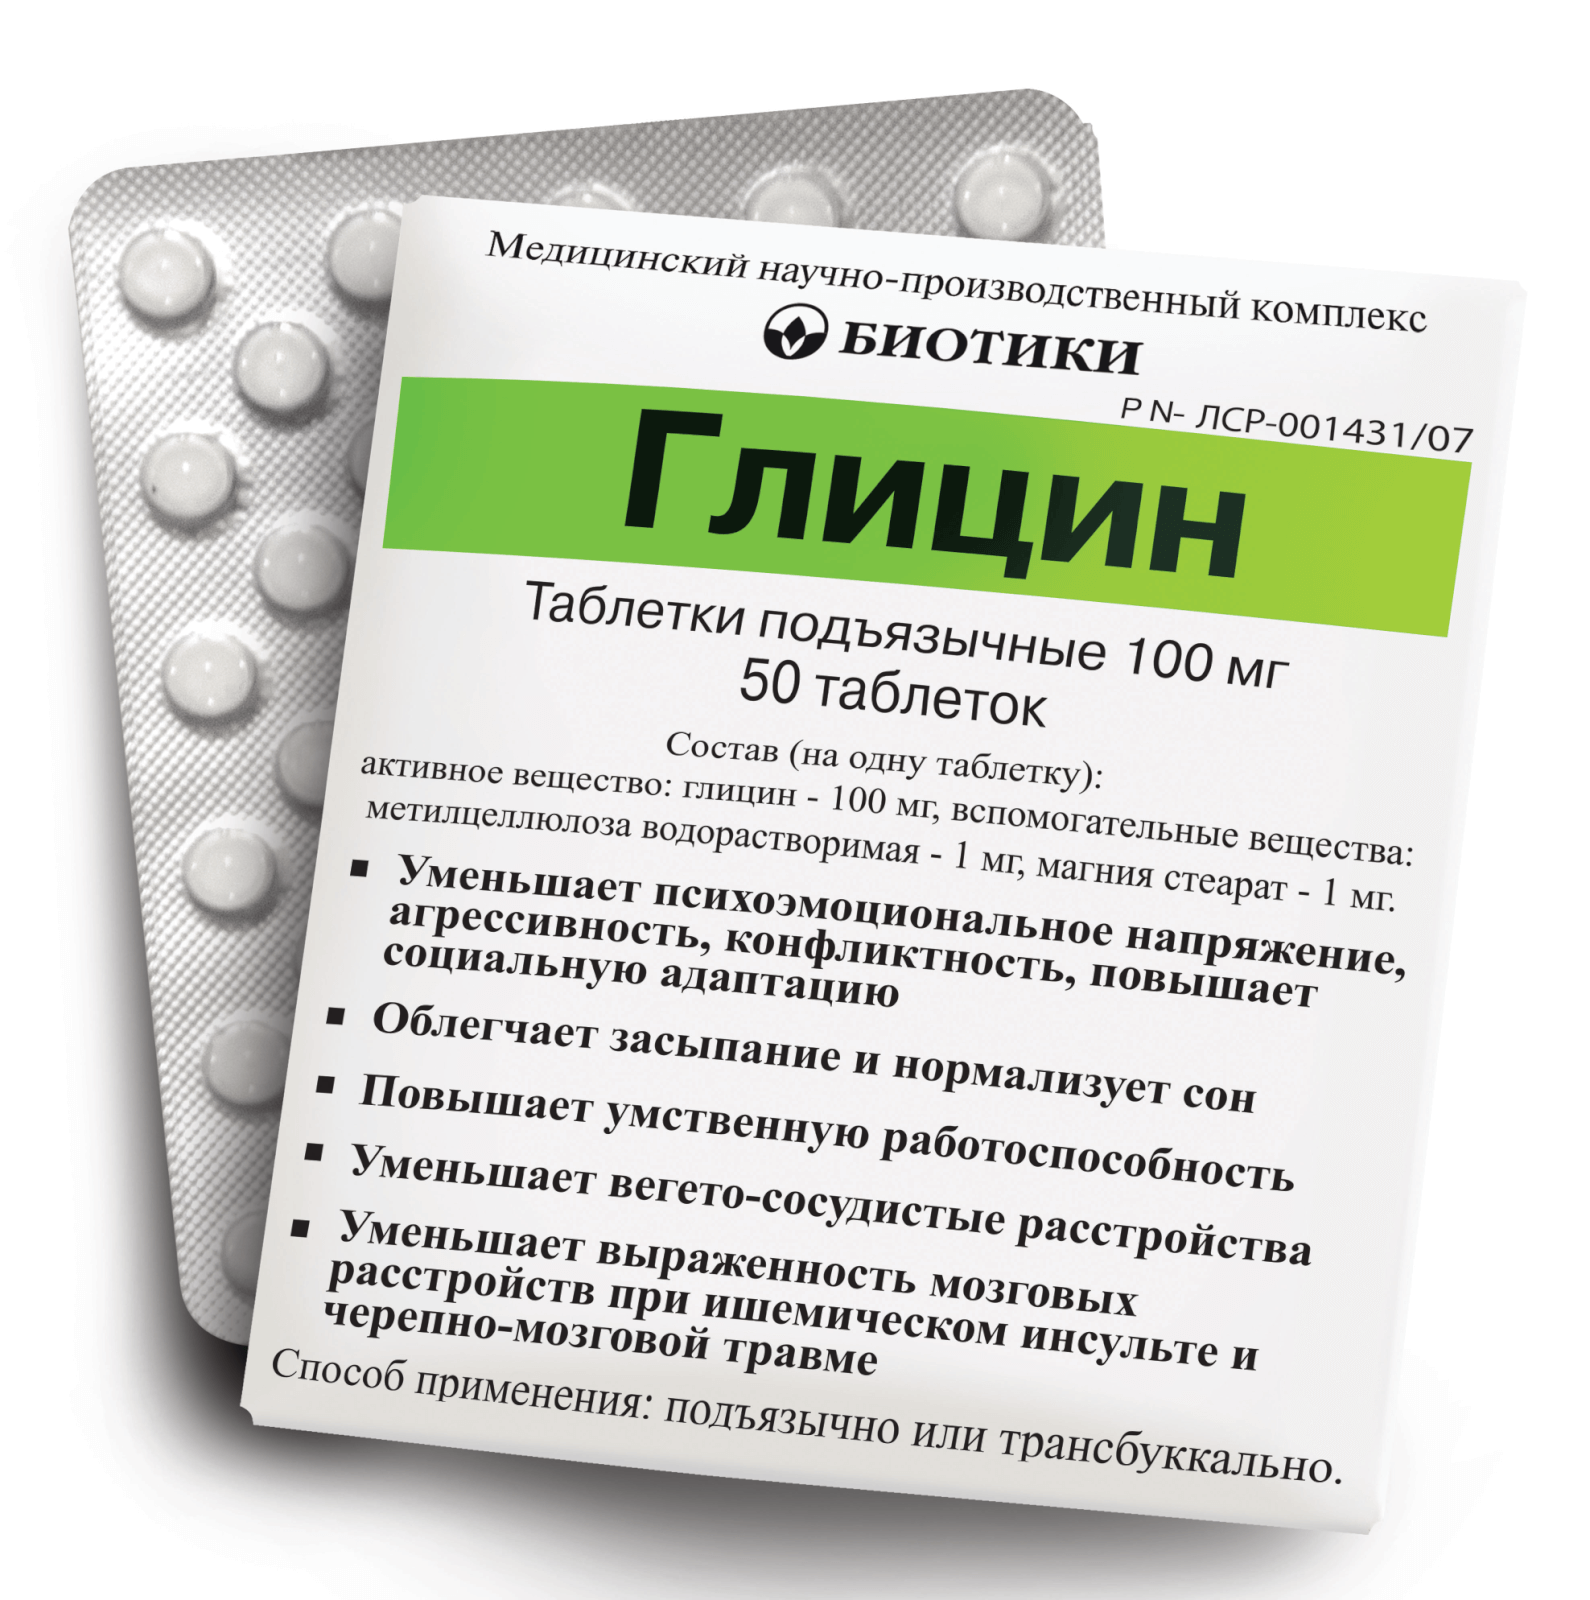 Как понизить фсг у женщин: народными средствами, препаратами - мир здоровья